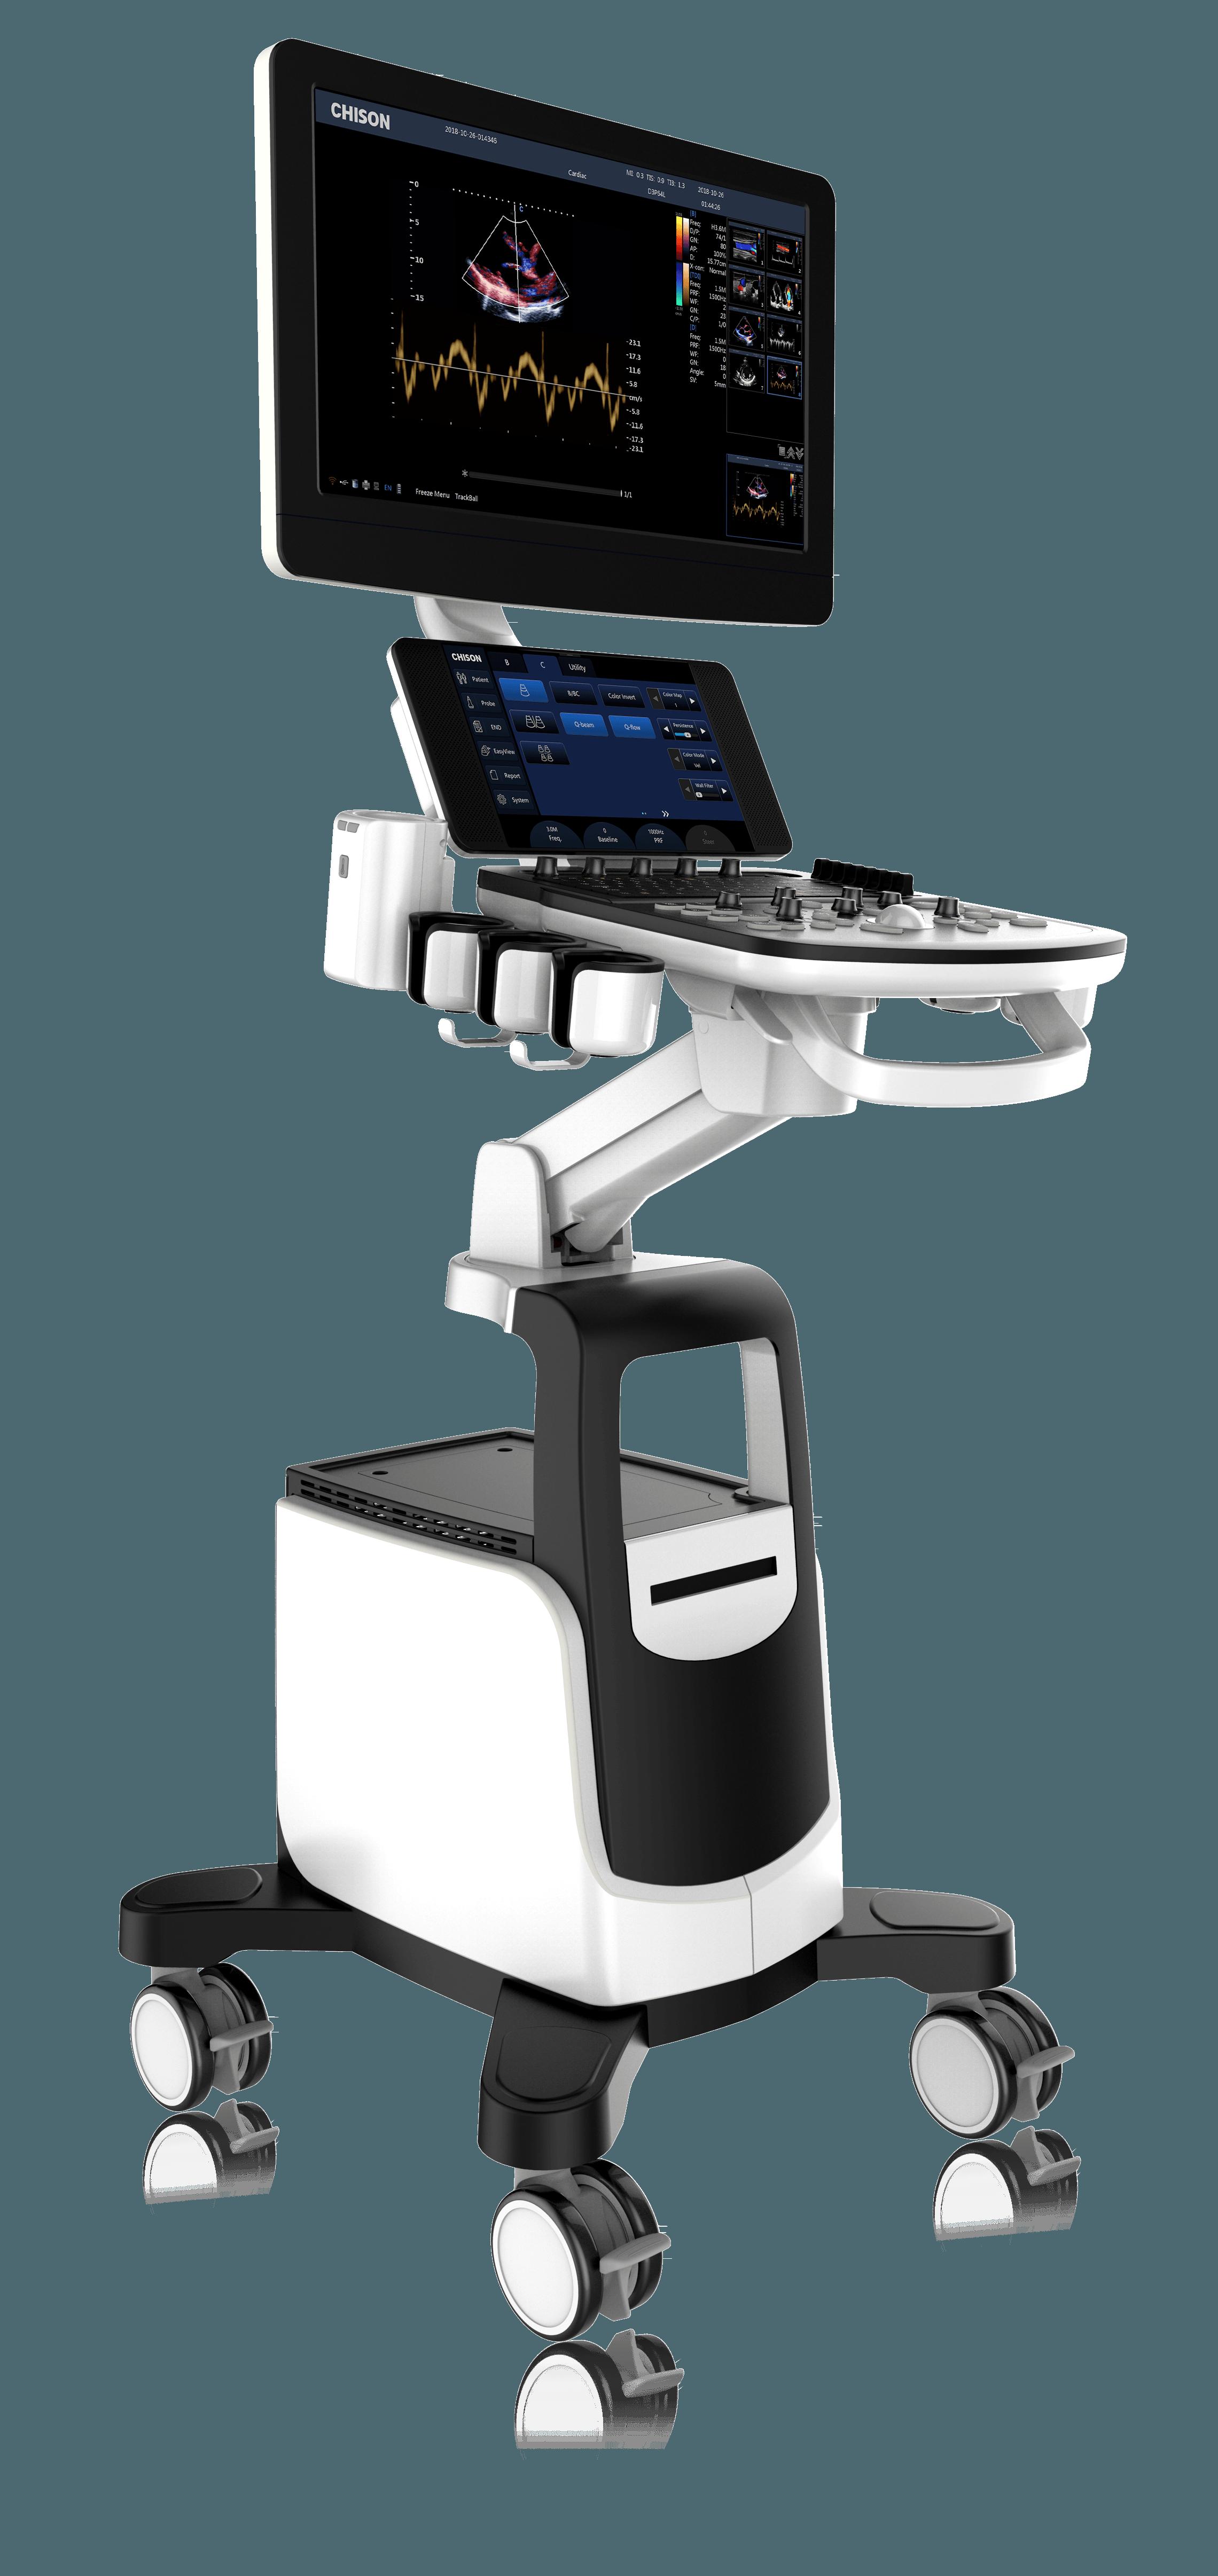 CBit 9 Console ultrasound system